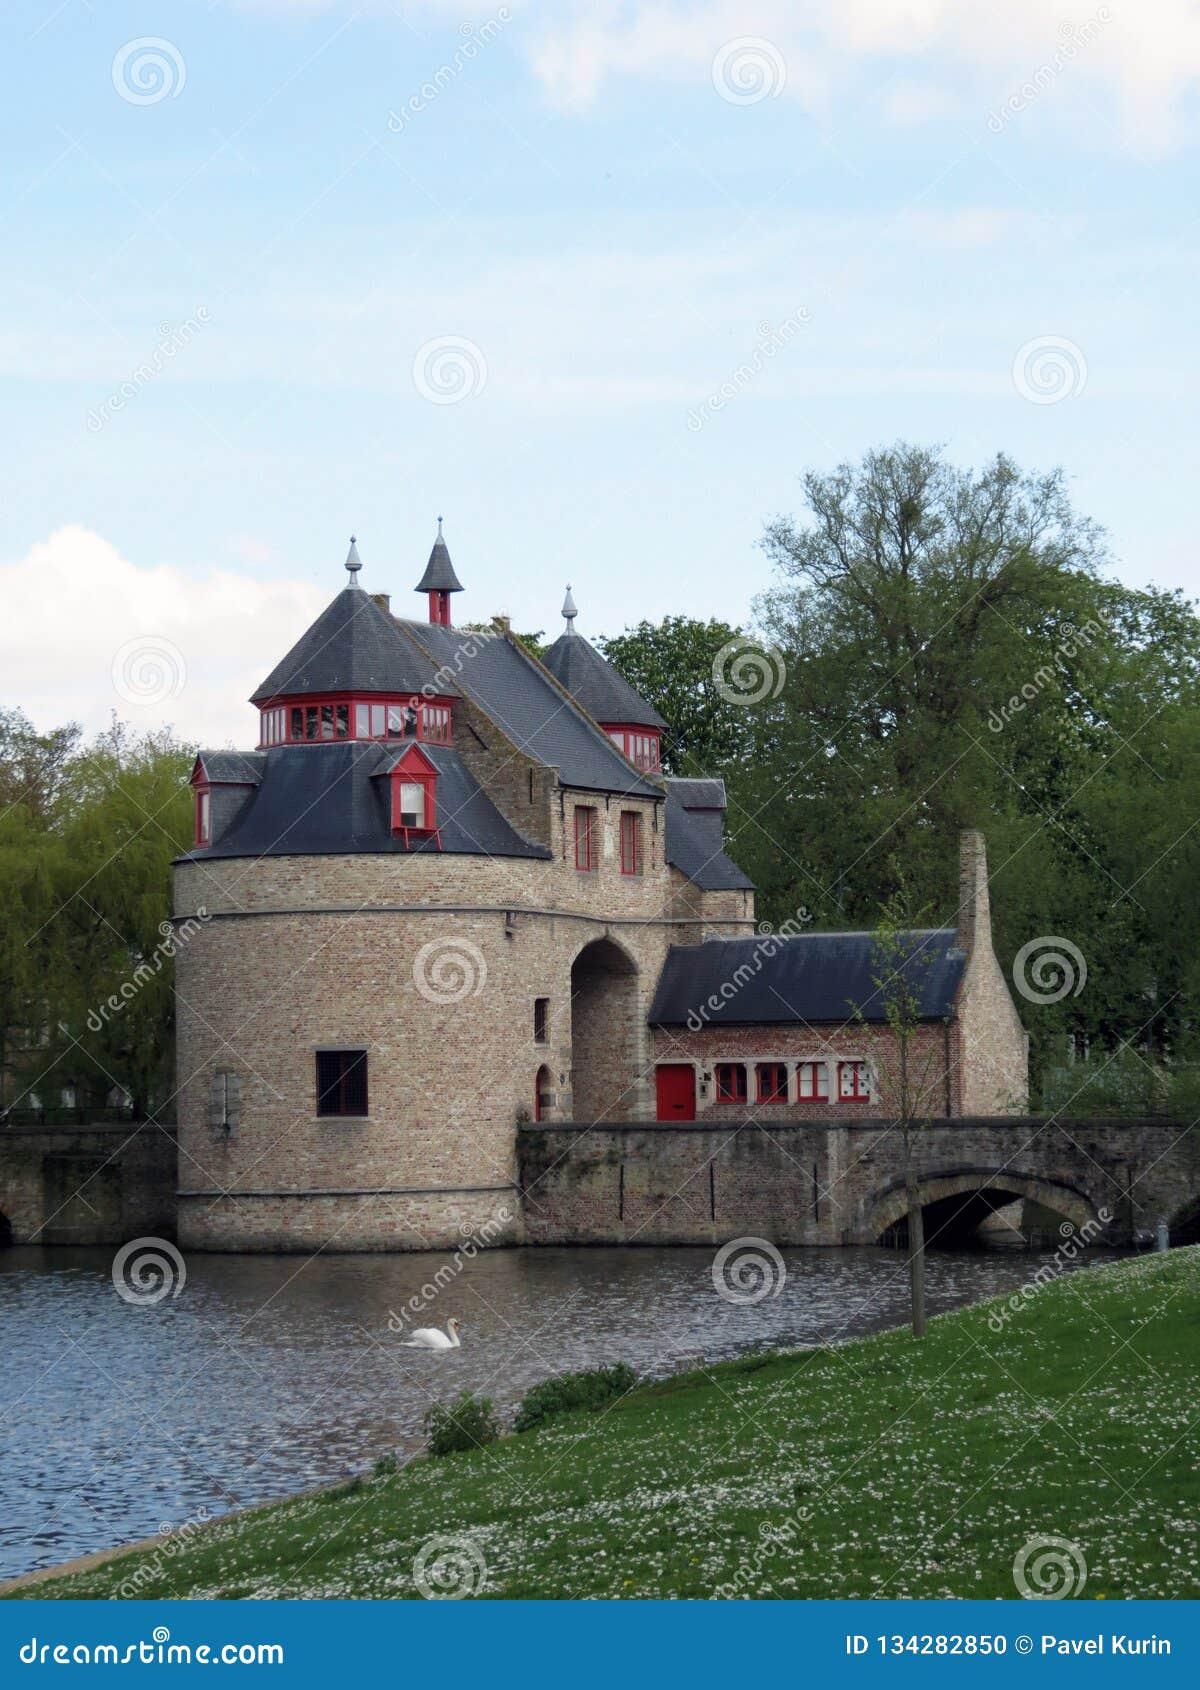 Europa, België, West-Vlaanderen, Brugge, de oude wachttoren en een drijvende Zwaan